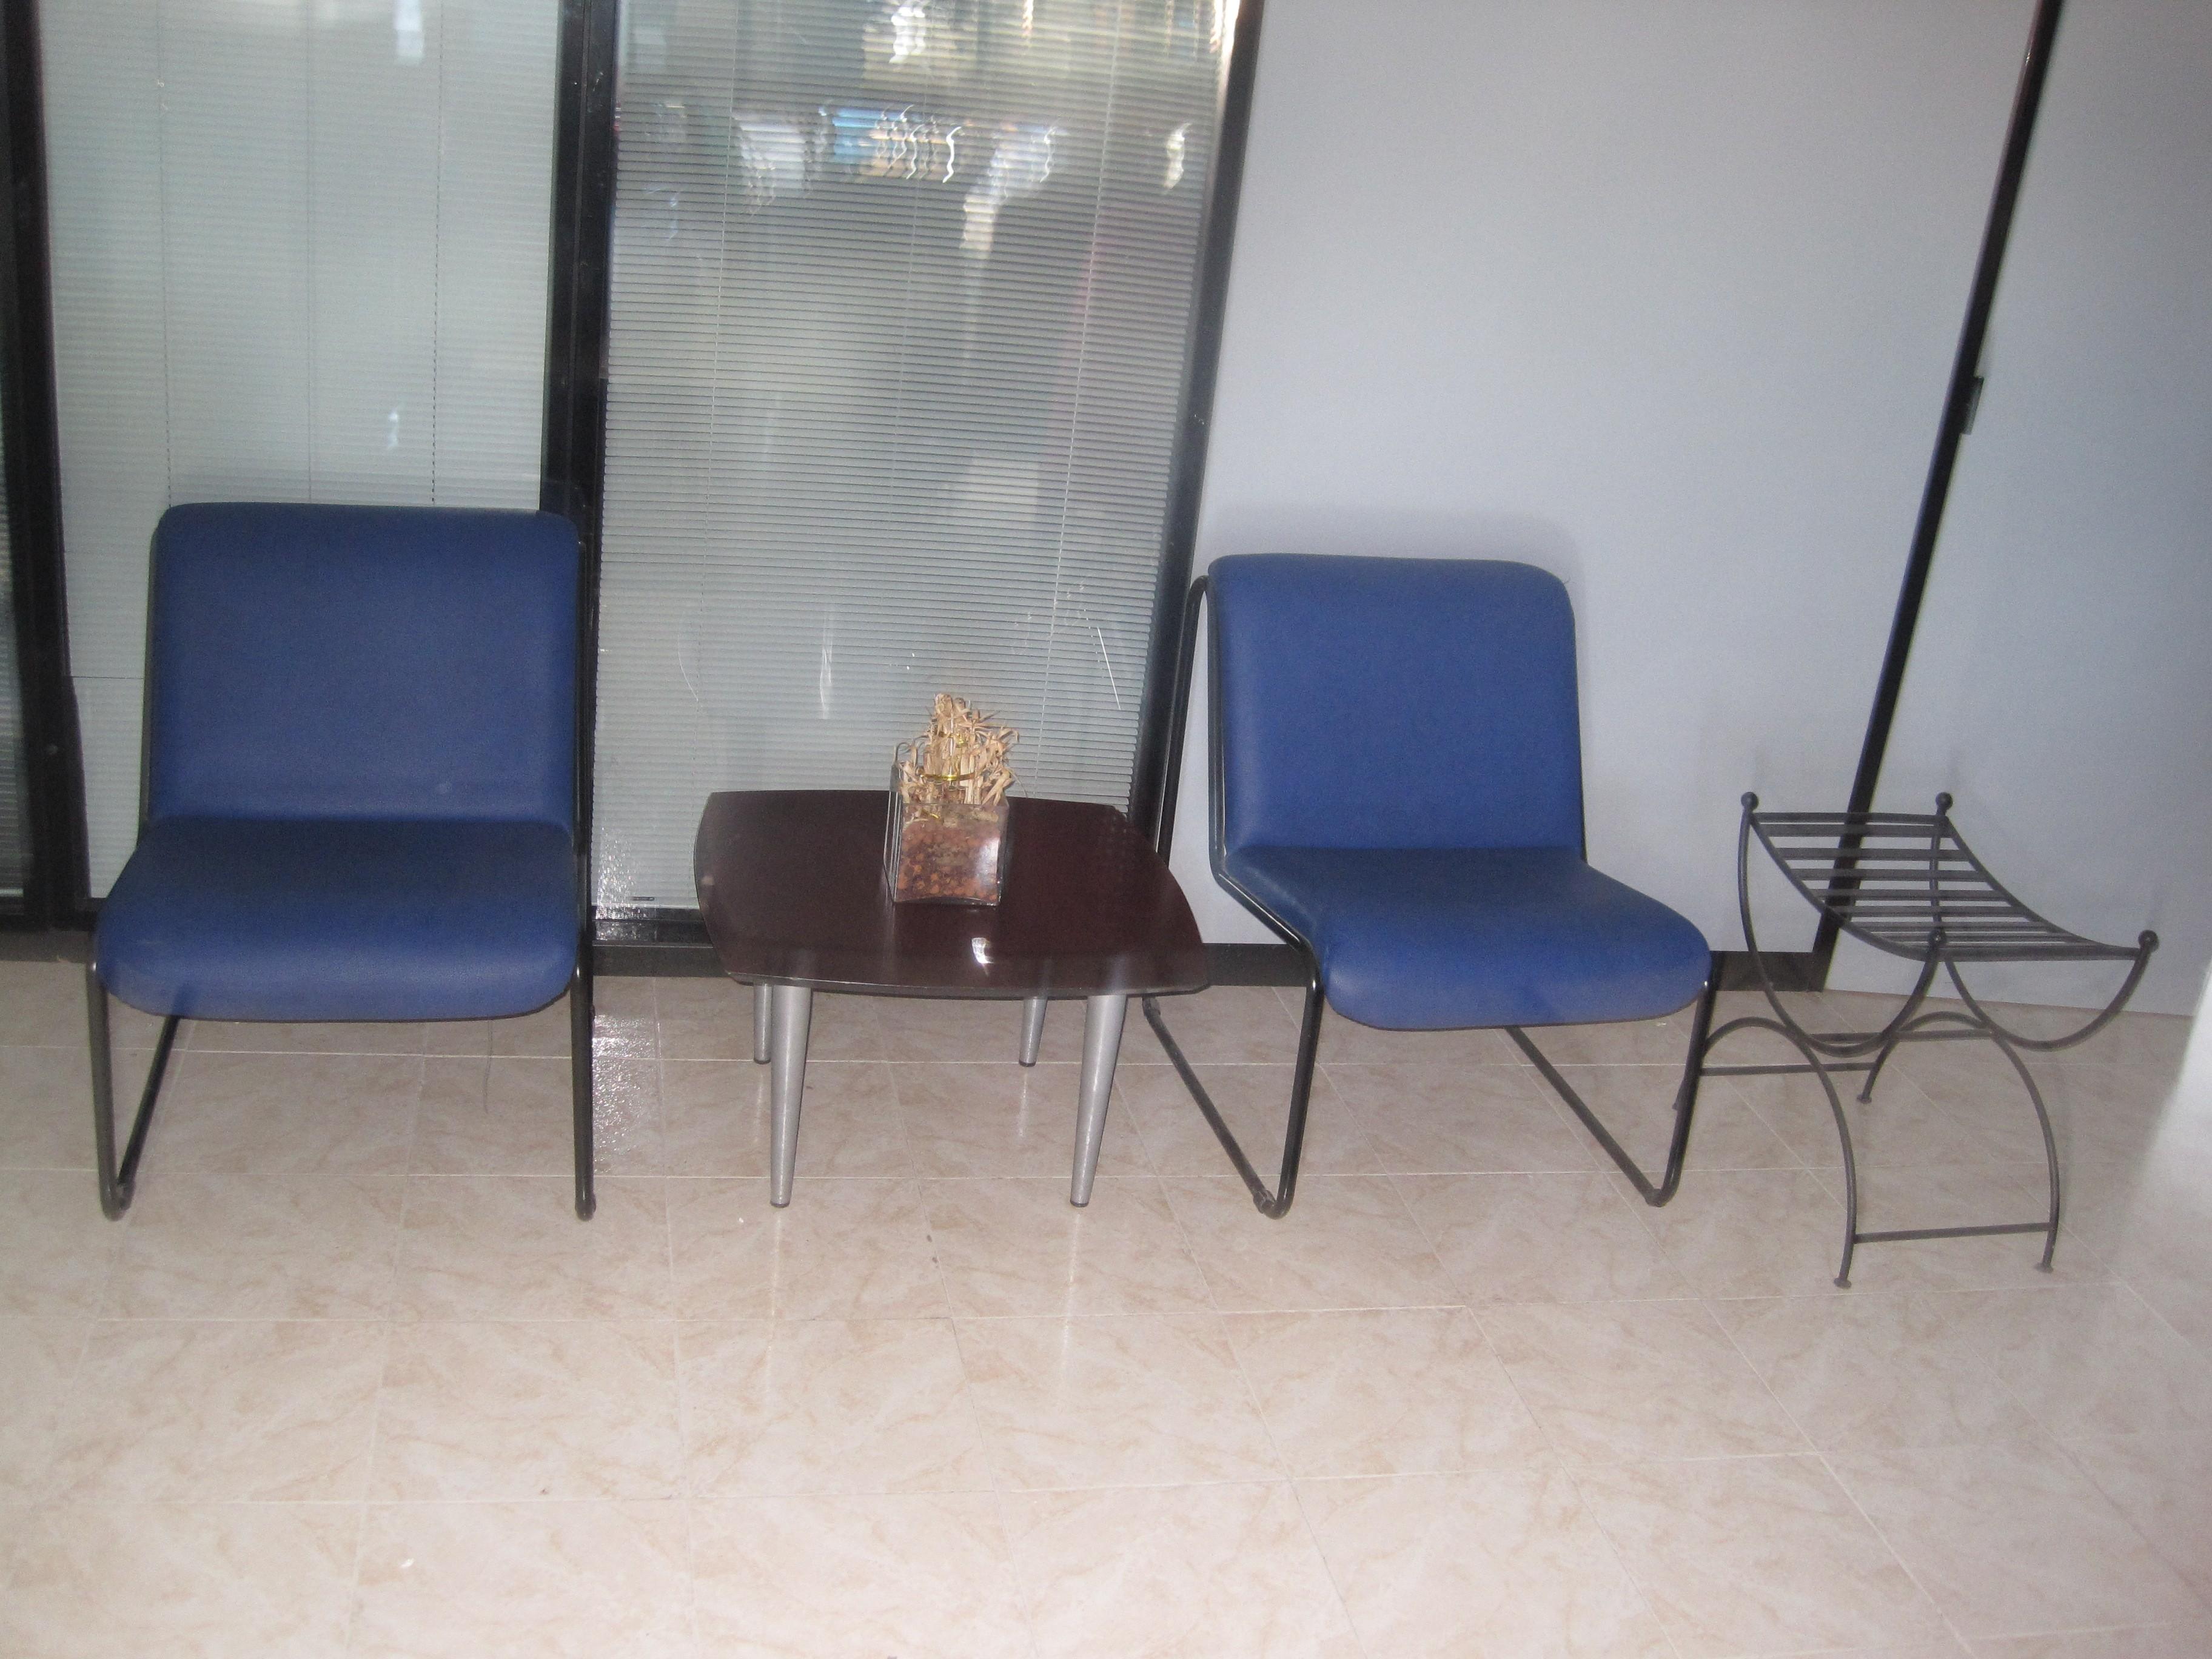 Sillones De Espera Para Oficina.Bancada Y Sillas Para Sala De Espera Muebles De Oficina Sistemas